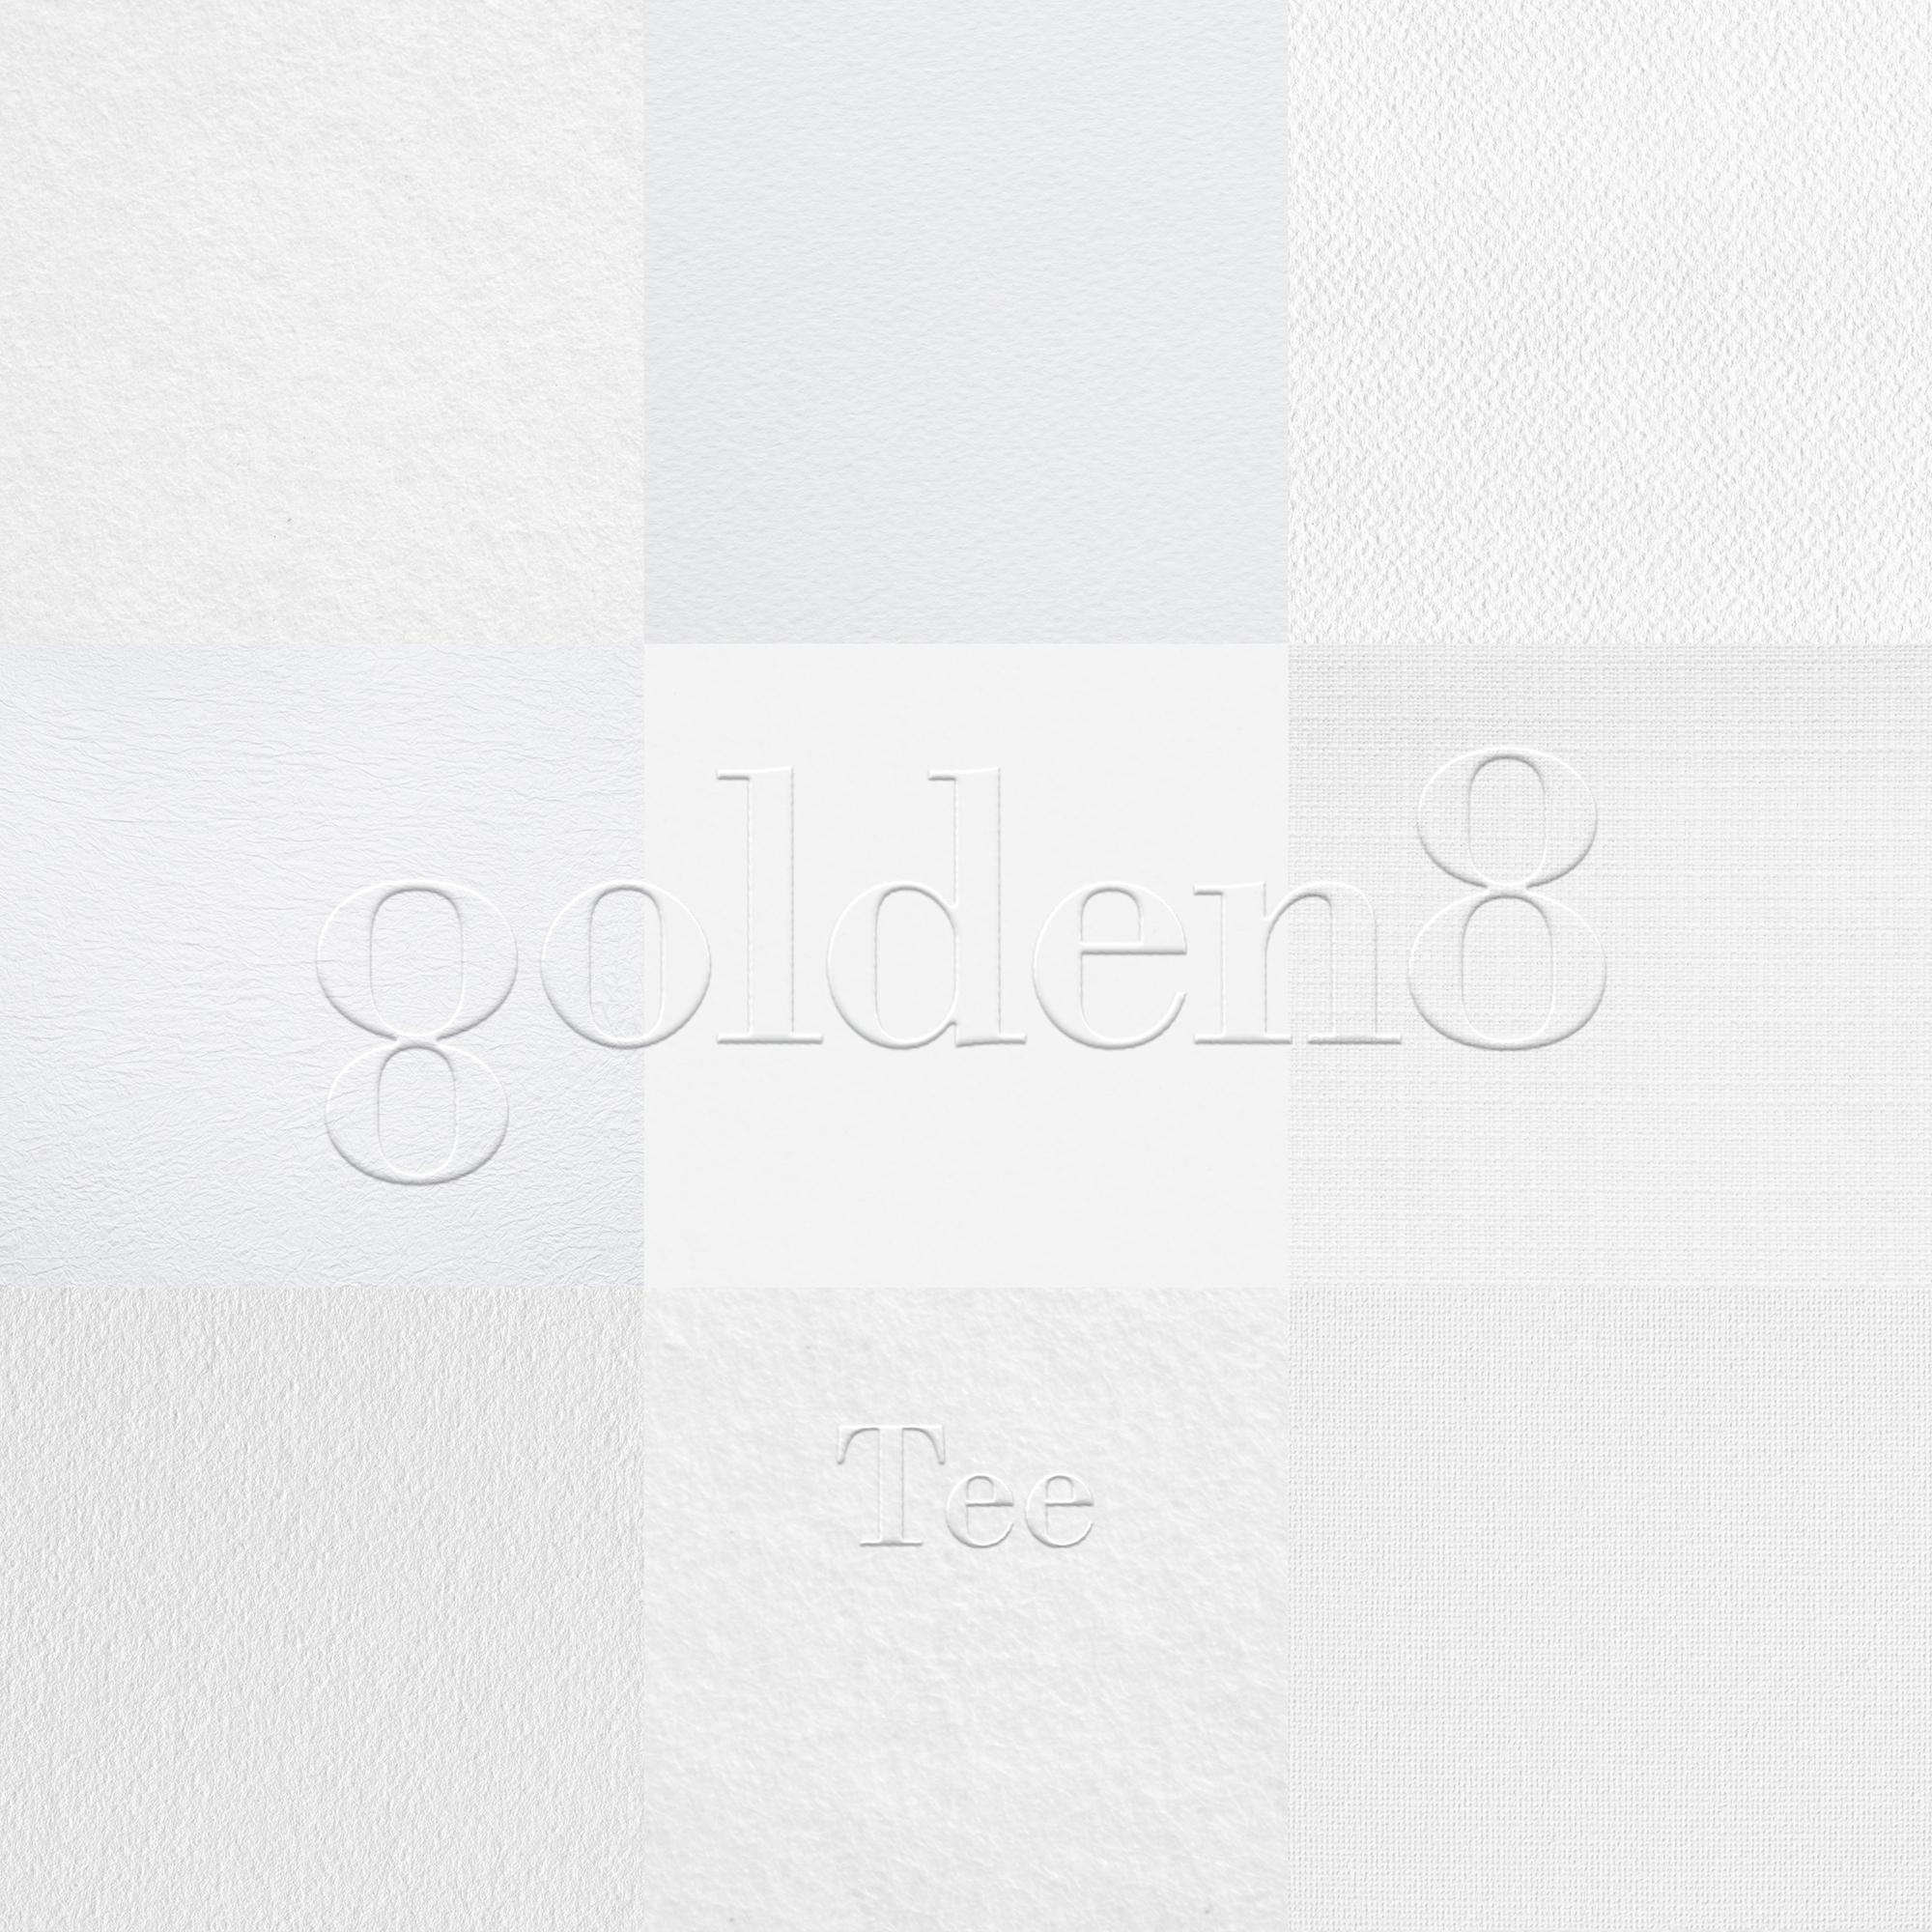 『Golden 8』